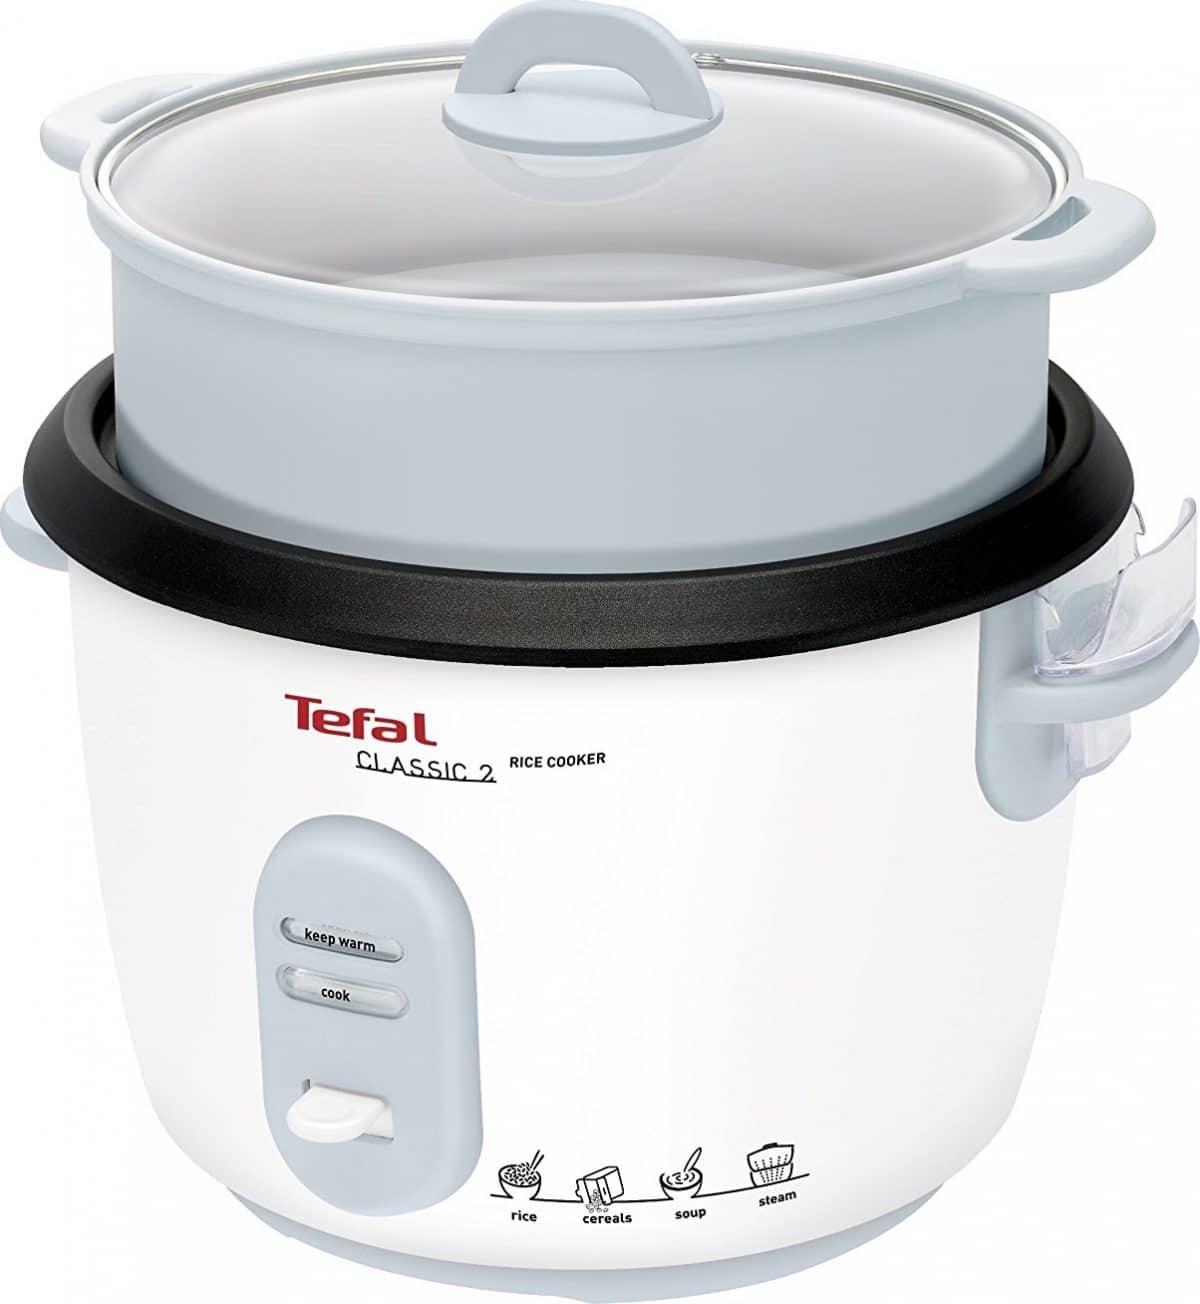 Cuiseur à riz Rice cooker Tefal 1.8L 750W